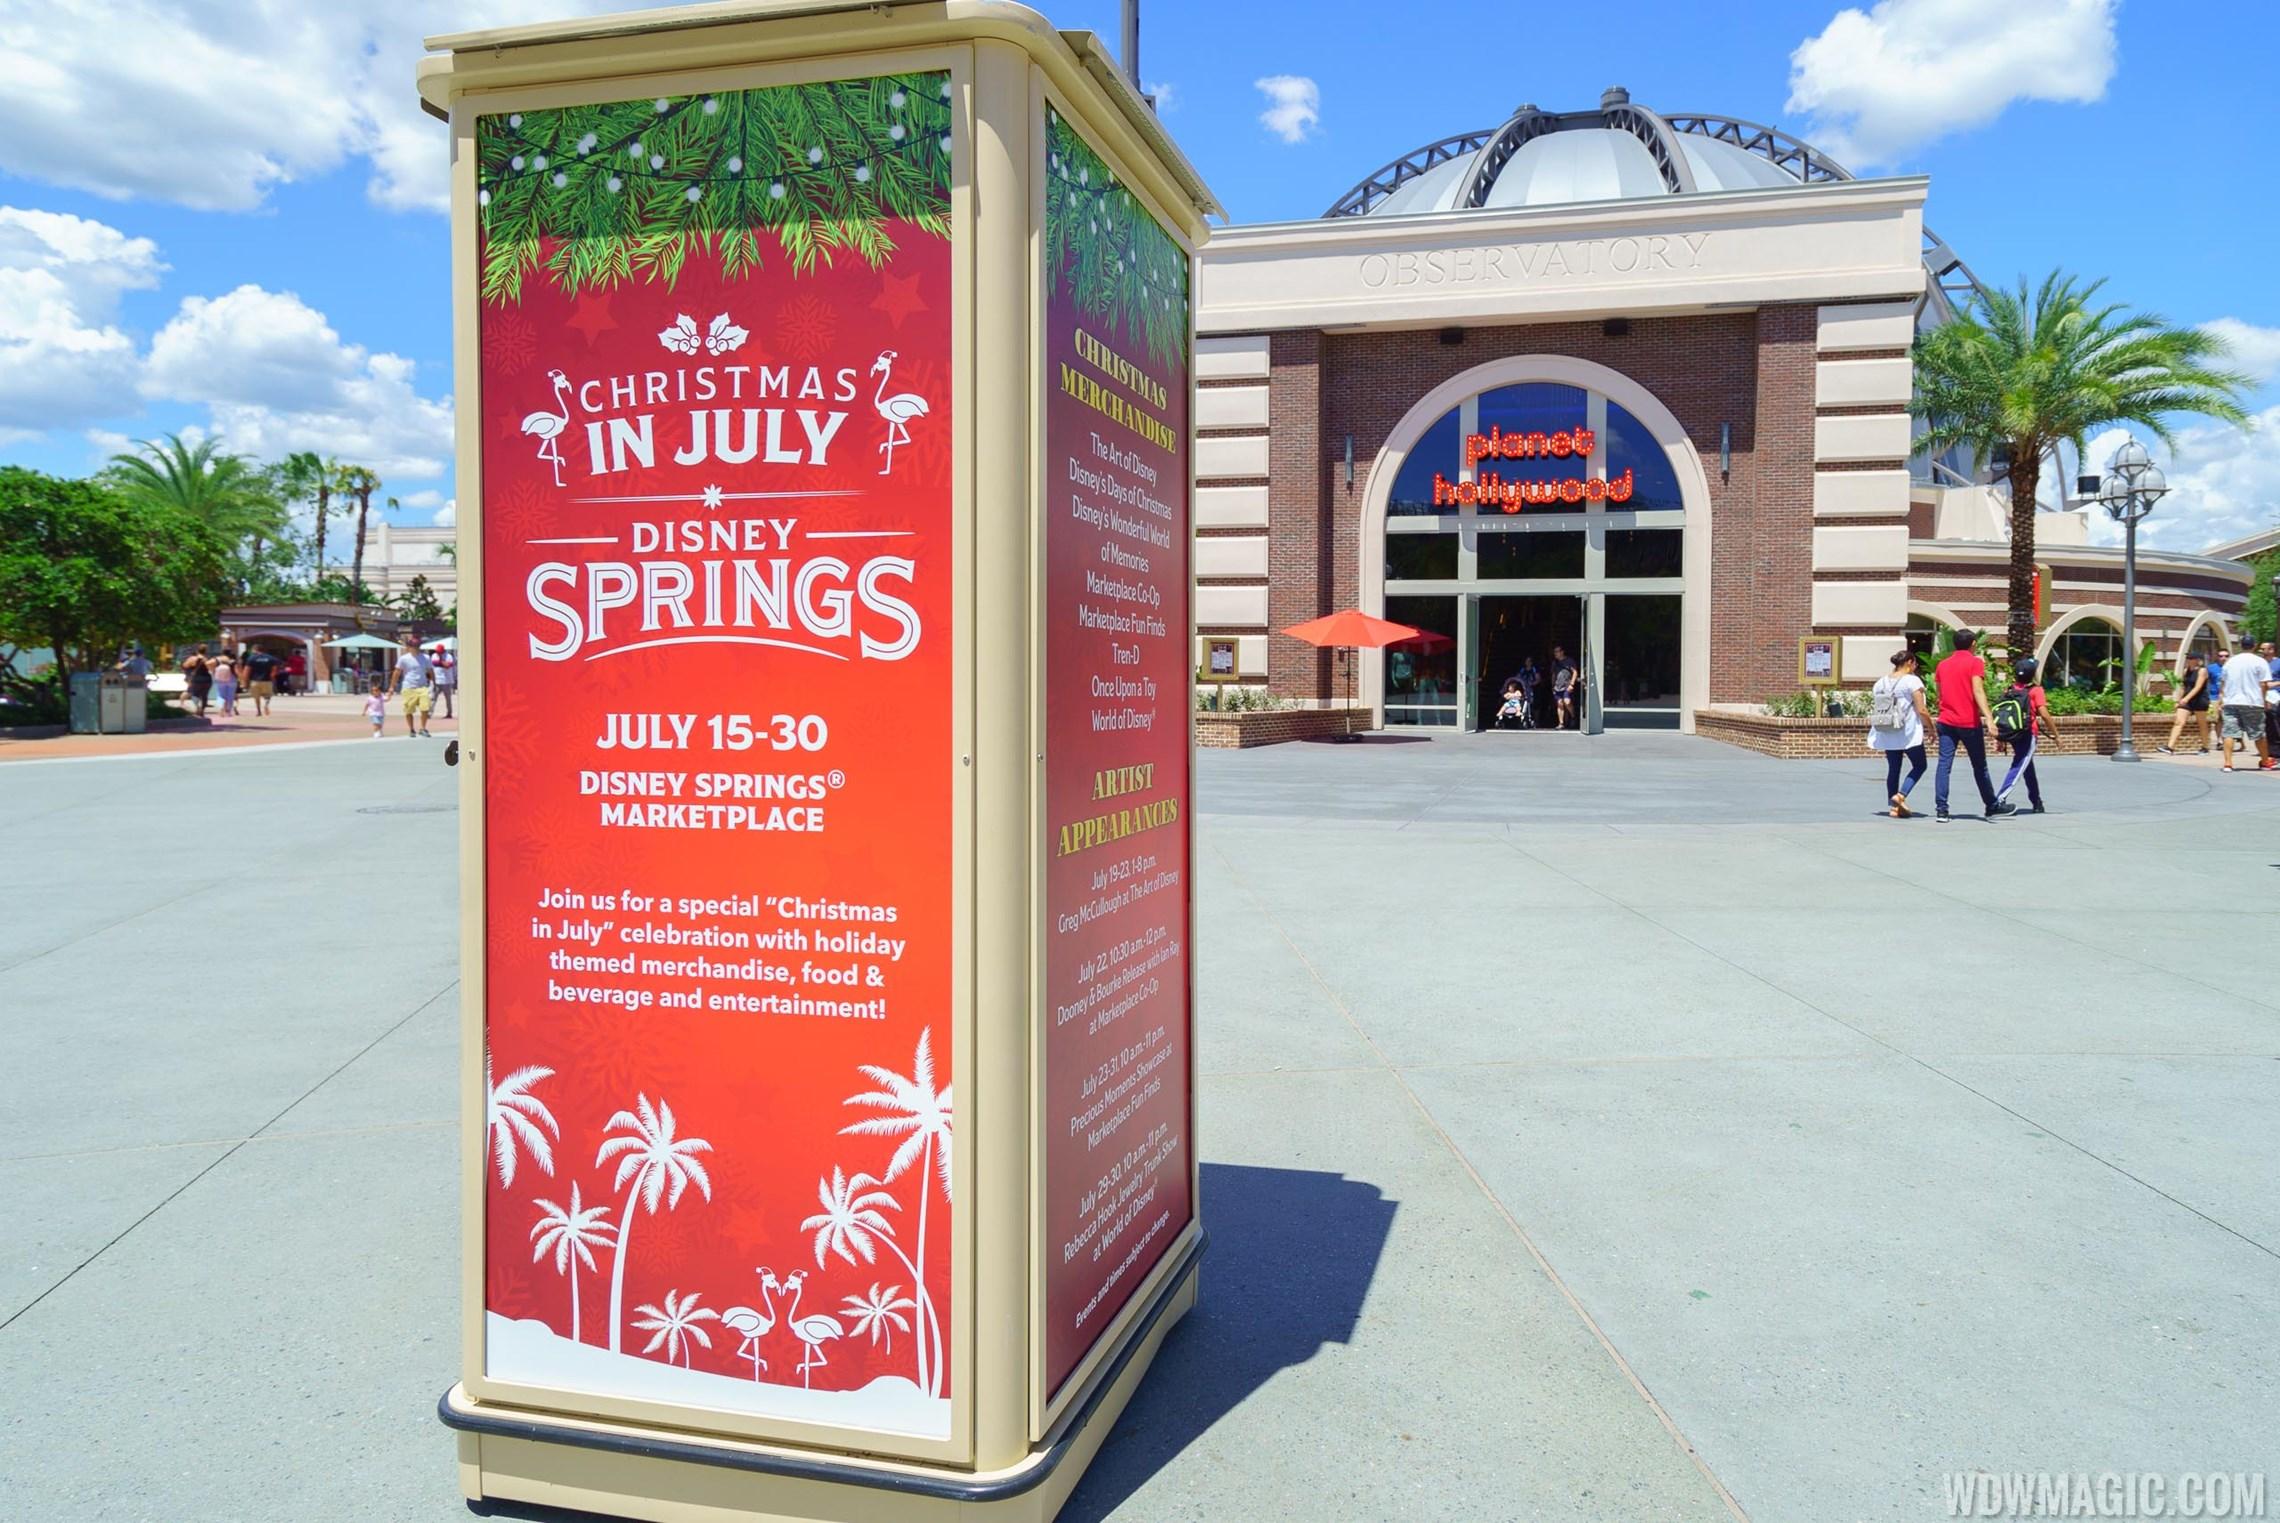 Christmas in July at Disney Springs